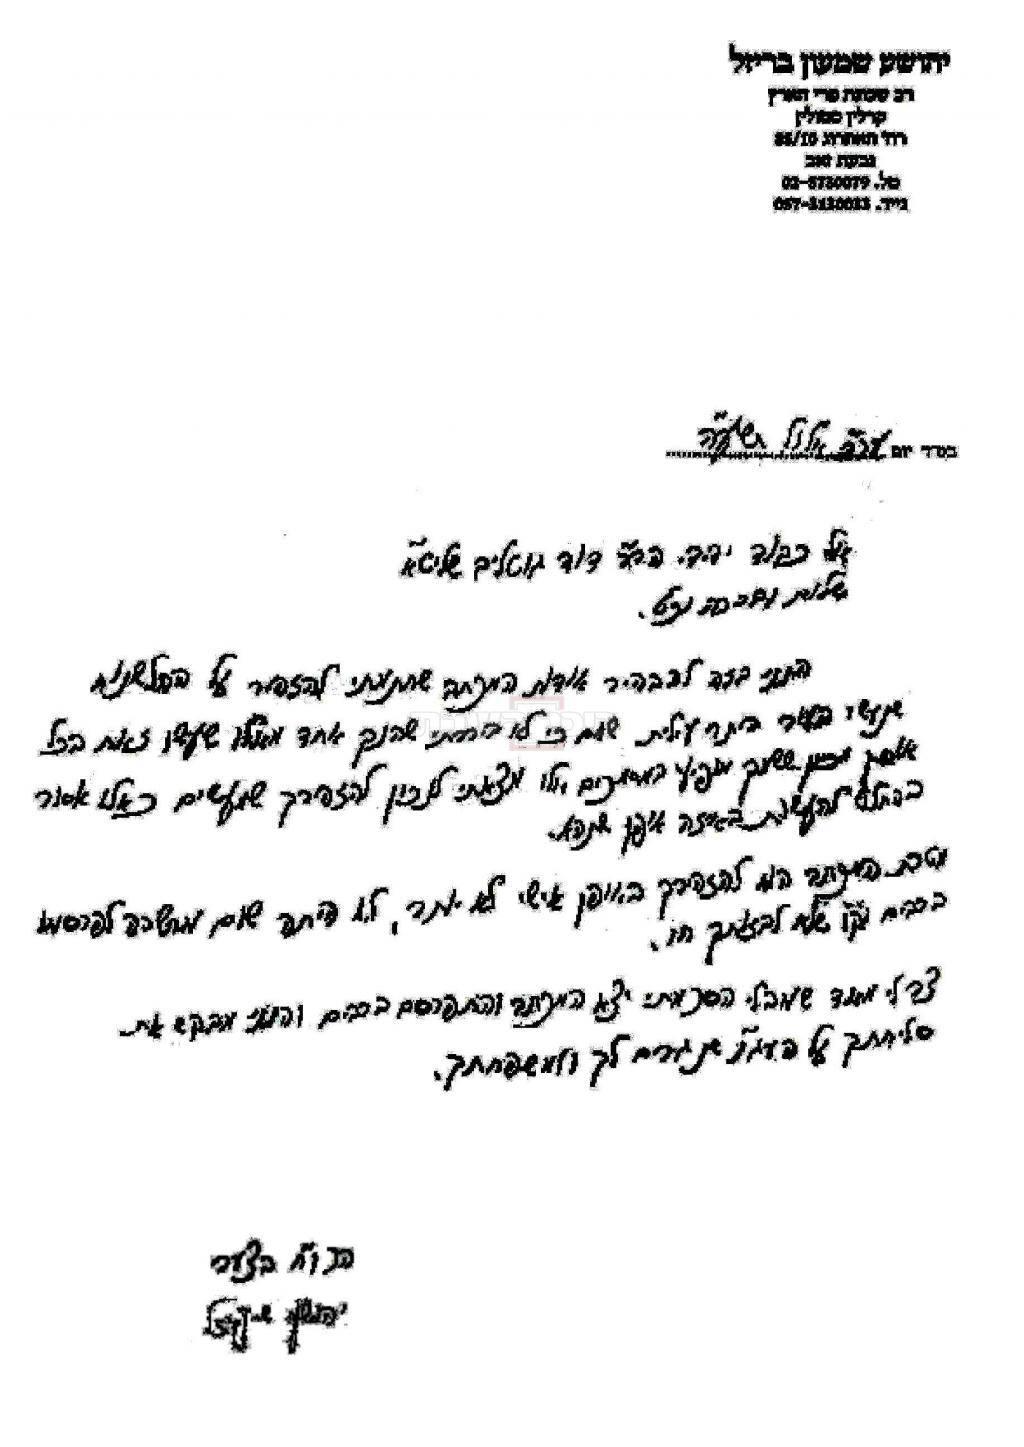 מכתבו של הרב בריזל (צילום: כיכר השבת)